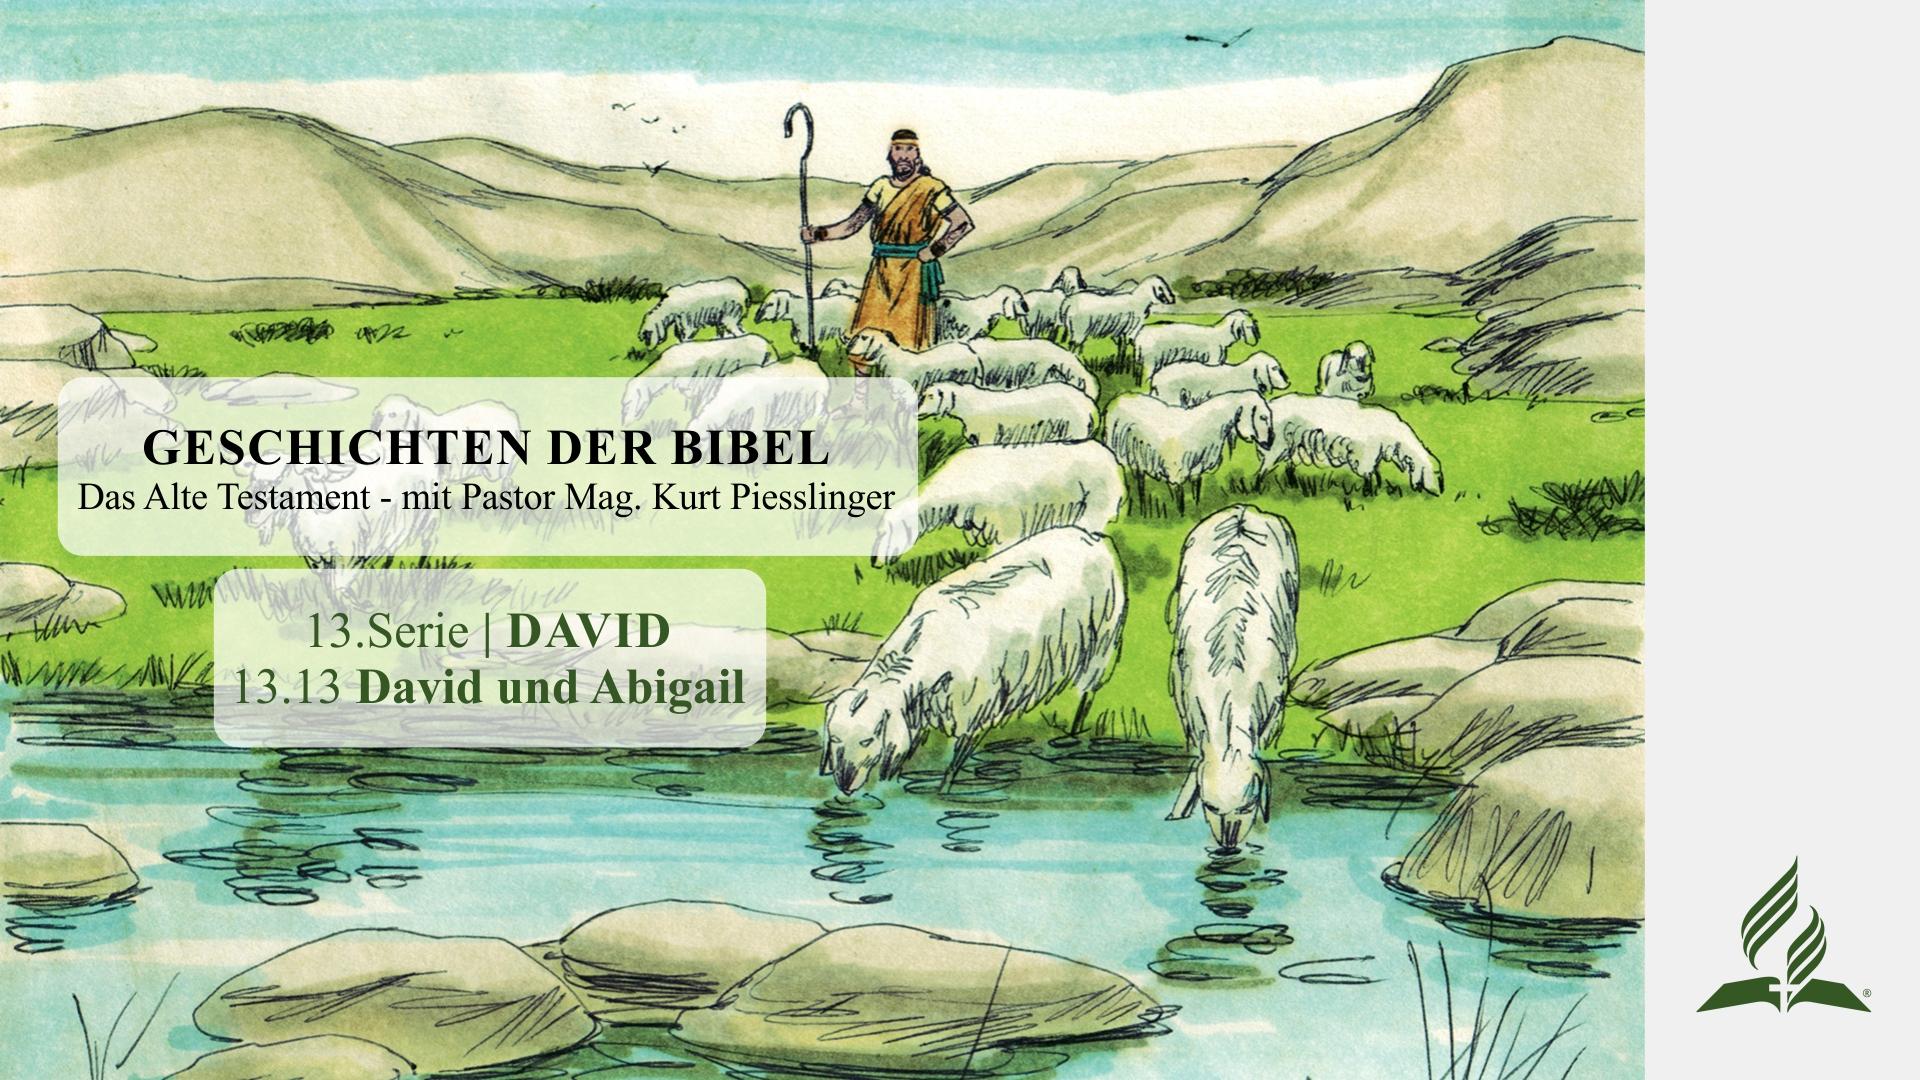 GESCHICHTEN DER BIBEL: 13.13 David und Abigail – 13.DAVID | Pastor Mag. Kurt Piesslinger